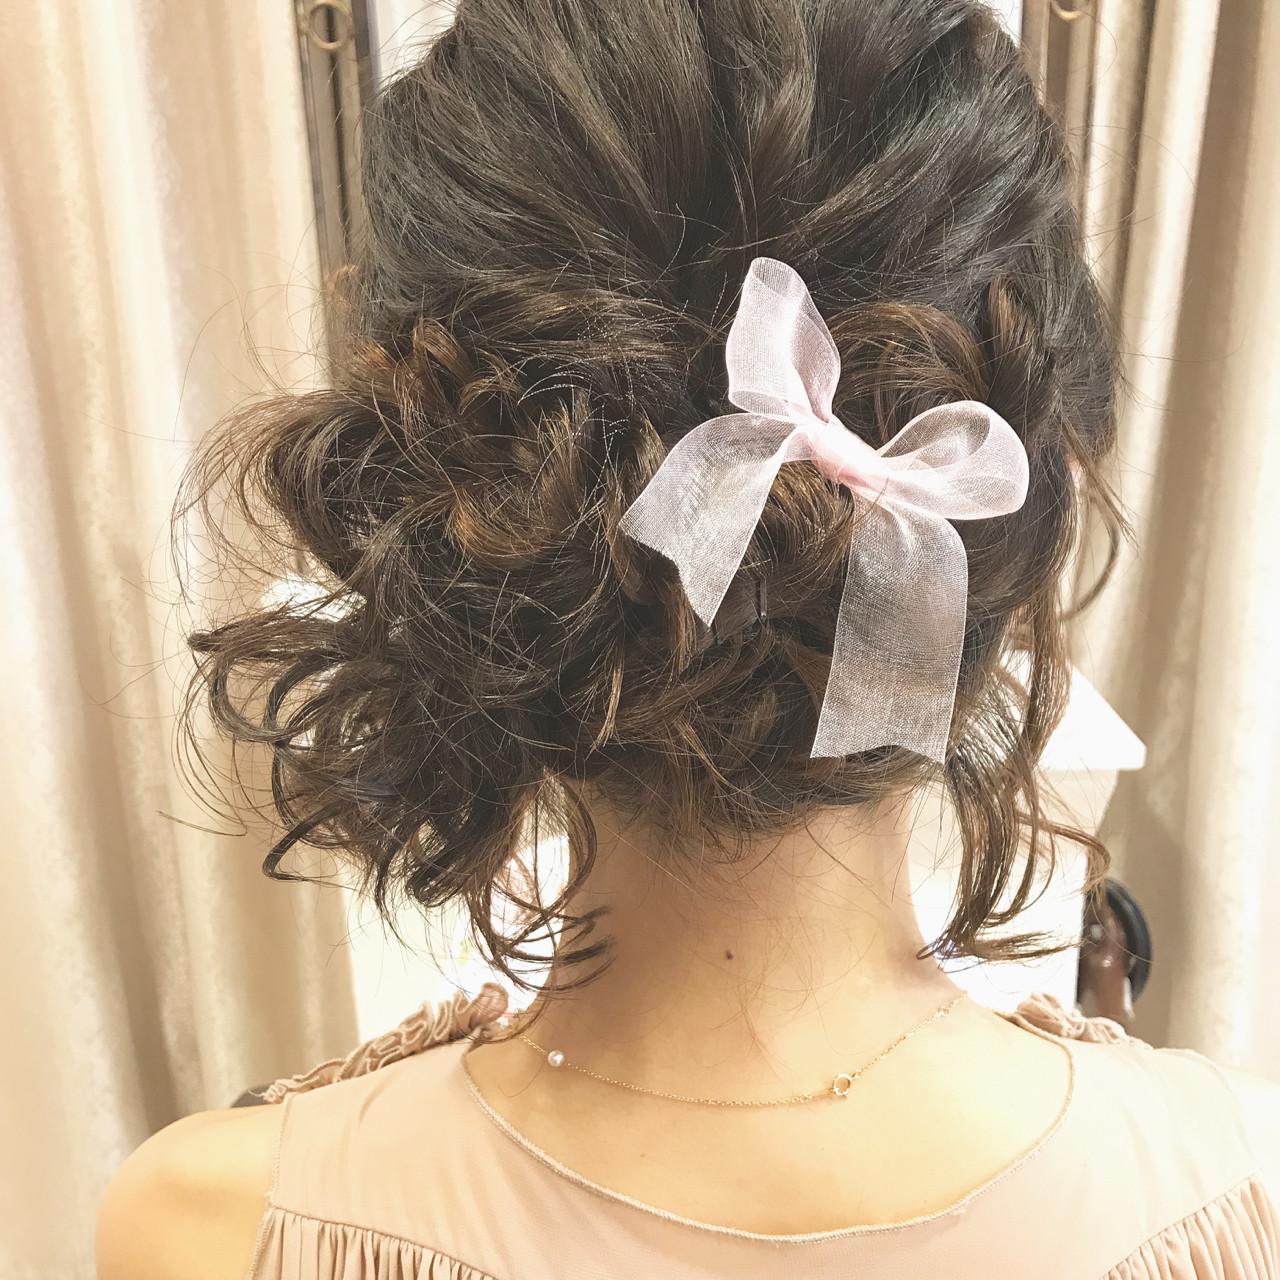 リボンを編み込んでガーリーなお呼ばれヘアに 大平 結花